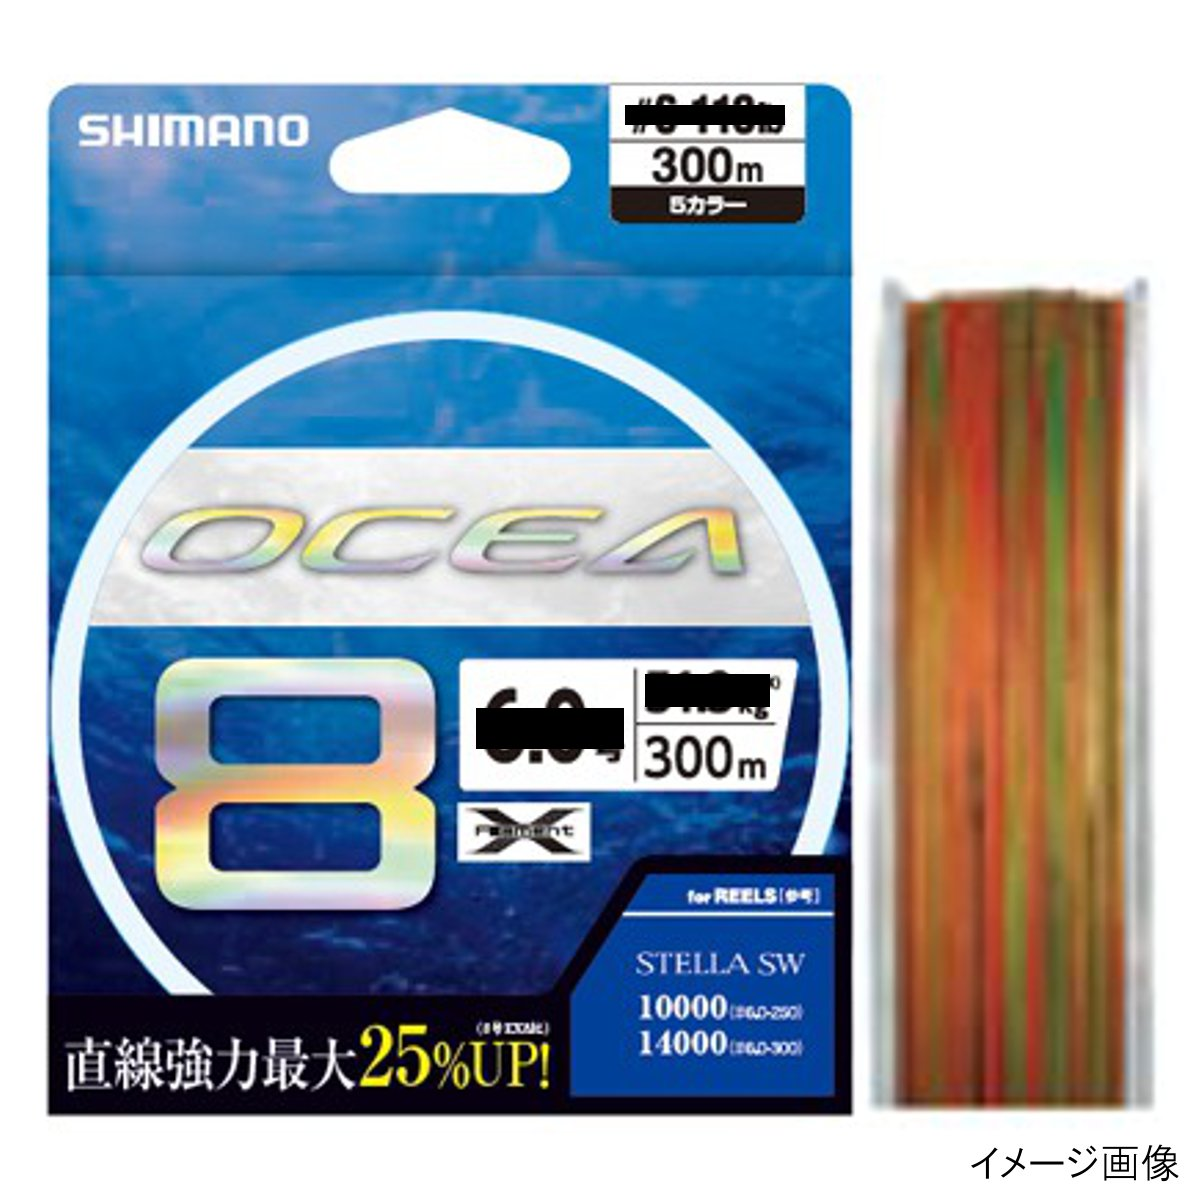 【5月25日は楽天カードがお得!エントリーで最大35倍!】シマノ オシア8 LD-A71S 300m 3.0号 5カラー